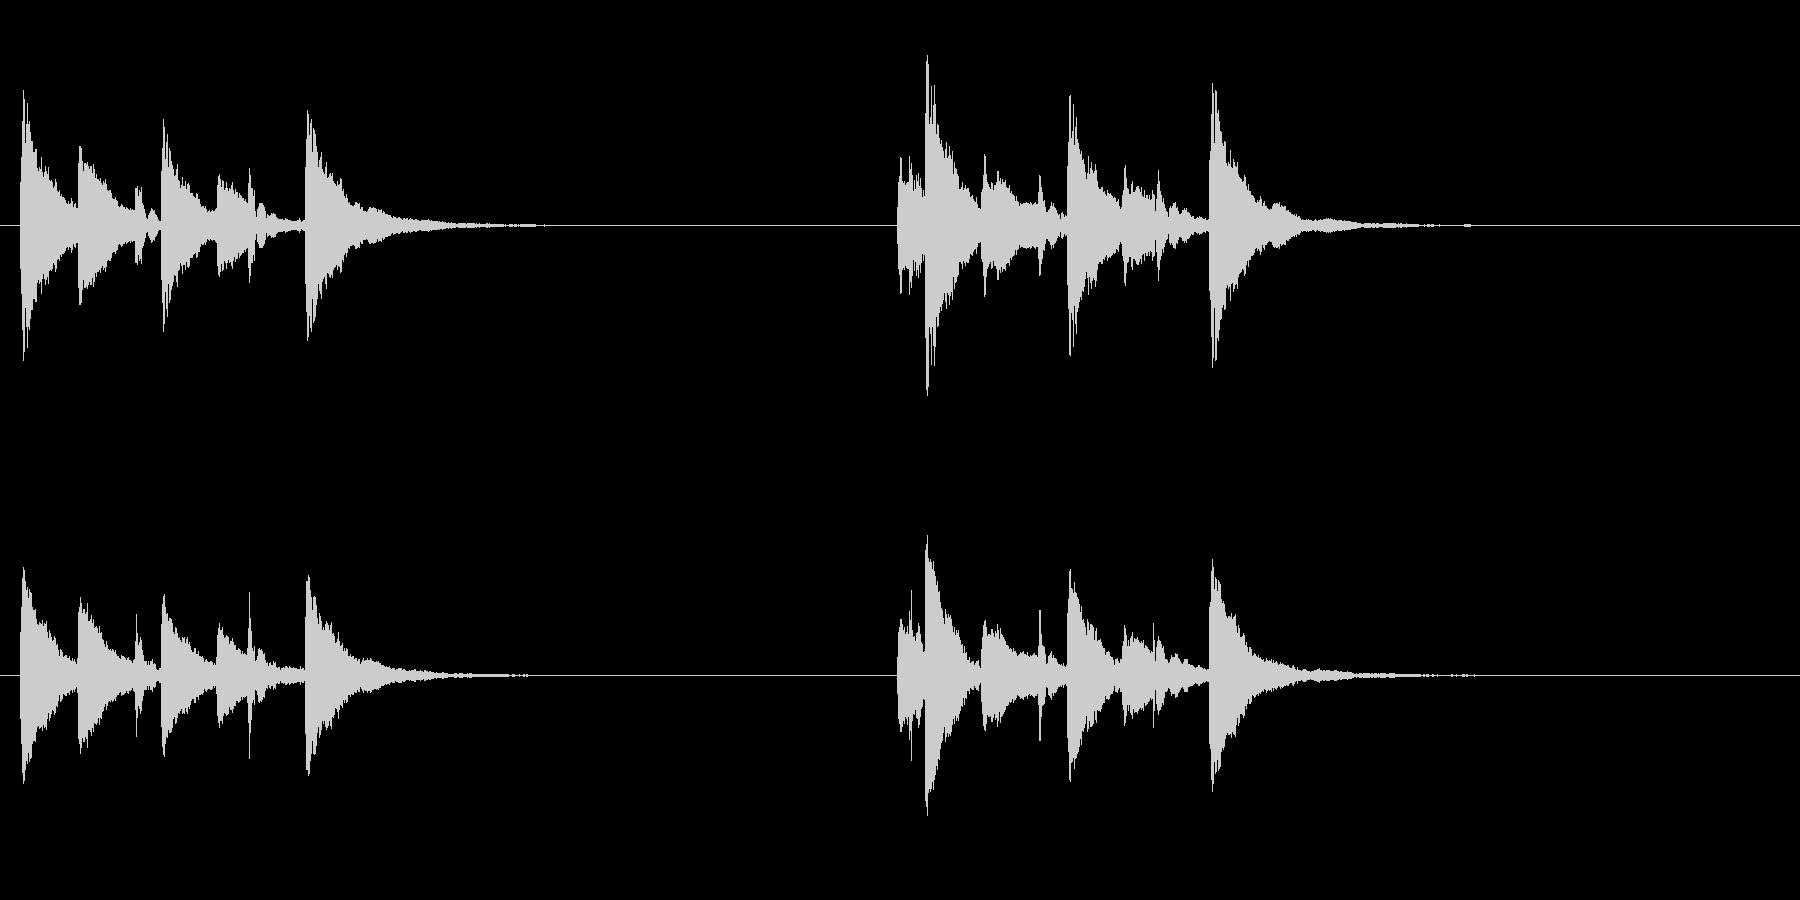 土着的トーキングドラムのフレーズ音+FXの未再生の波形